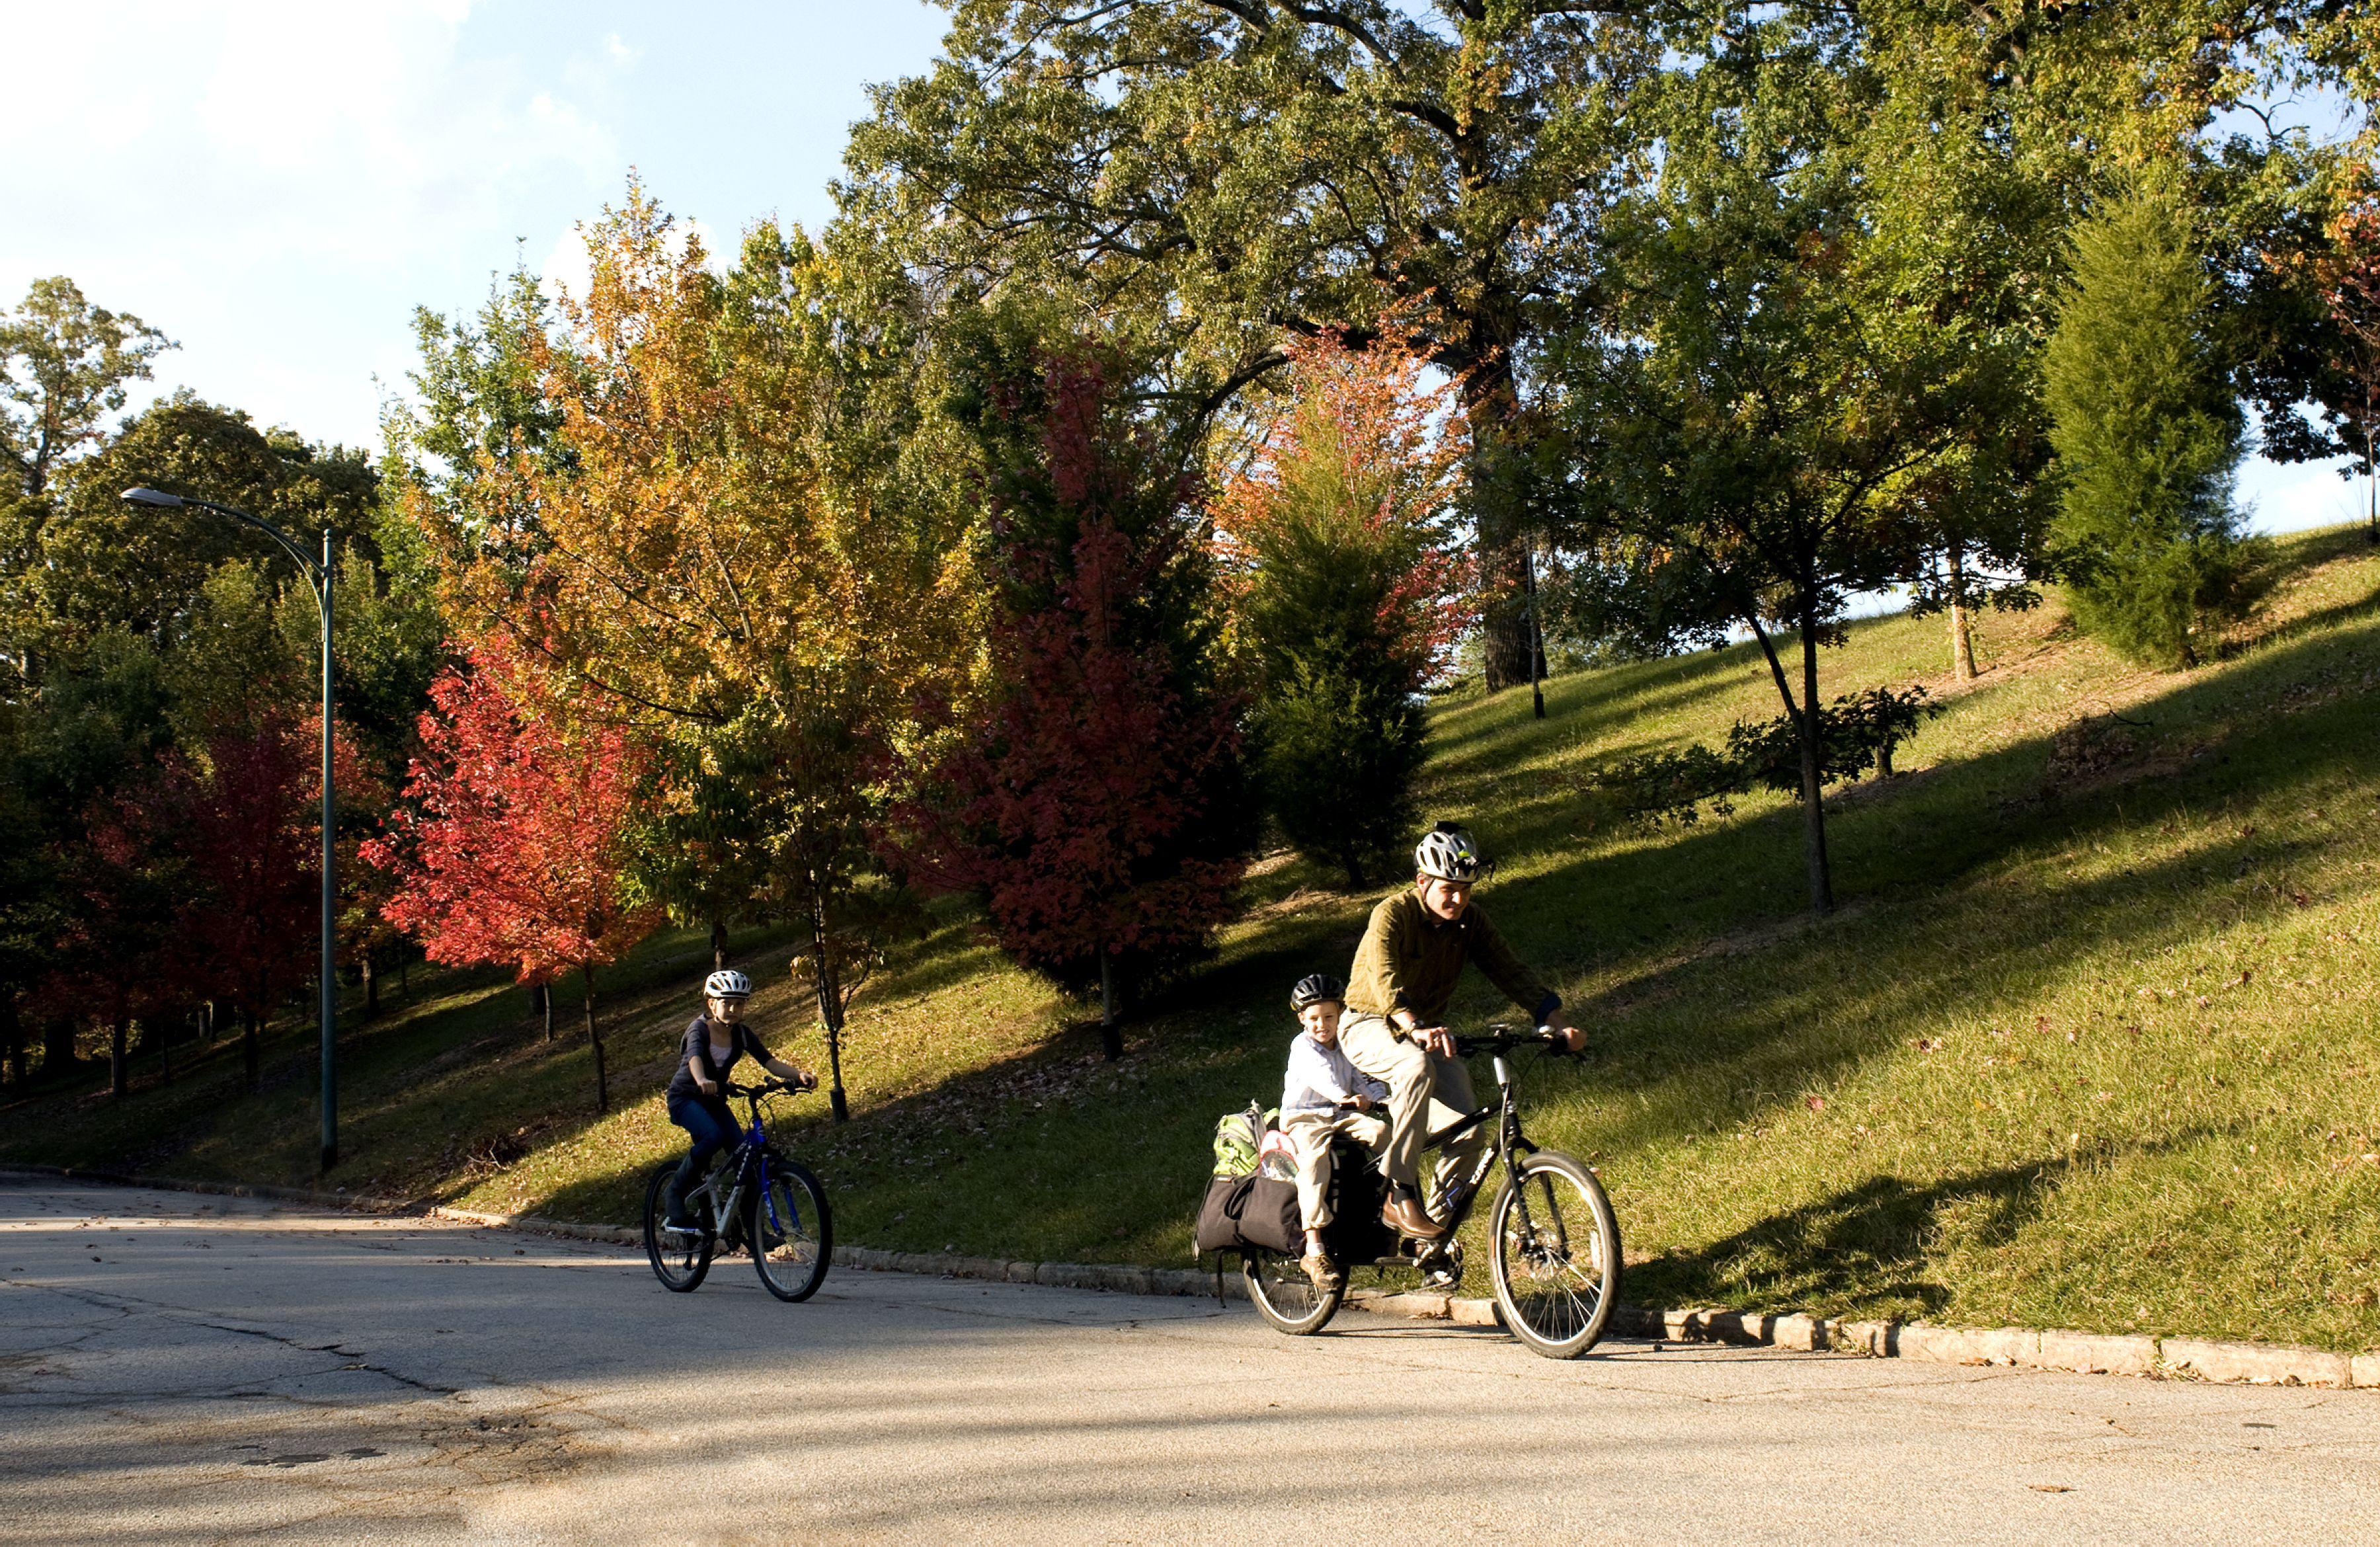 Imagen gratis: montar en bicicleta, llevando, aerodinámica, la ...